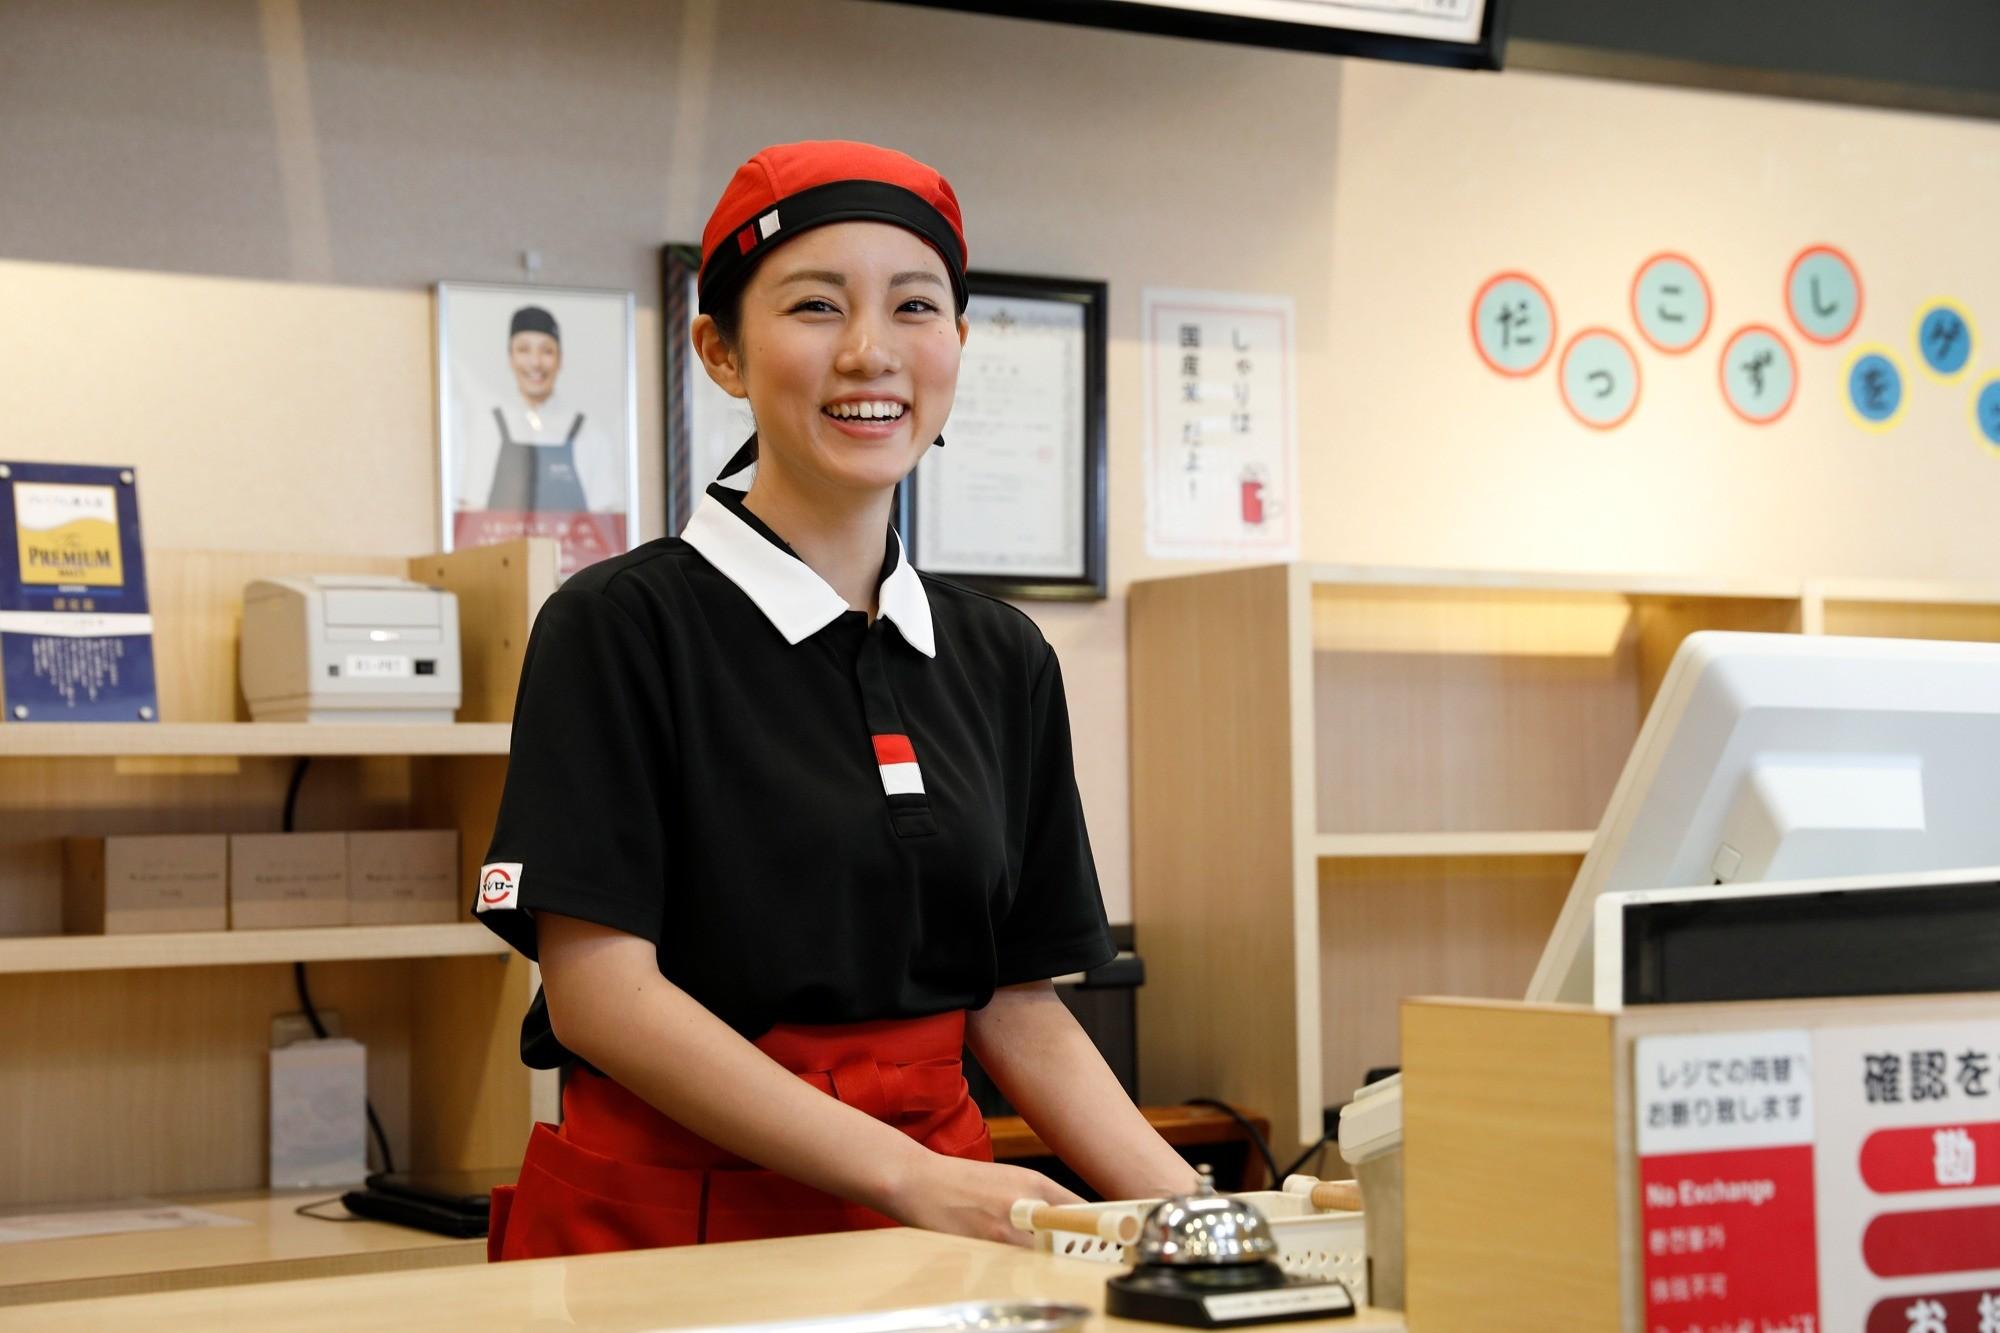 スシロー 藤沢大庭店のイメージ